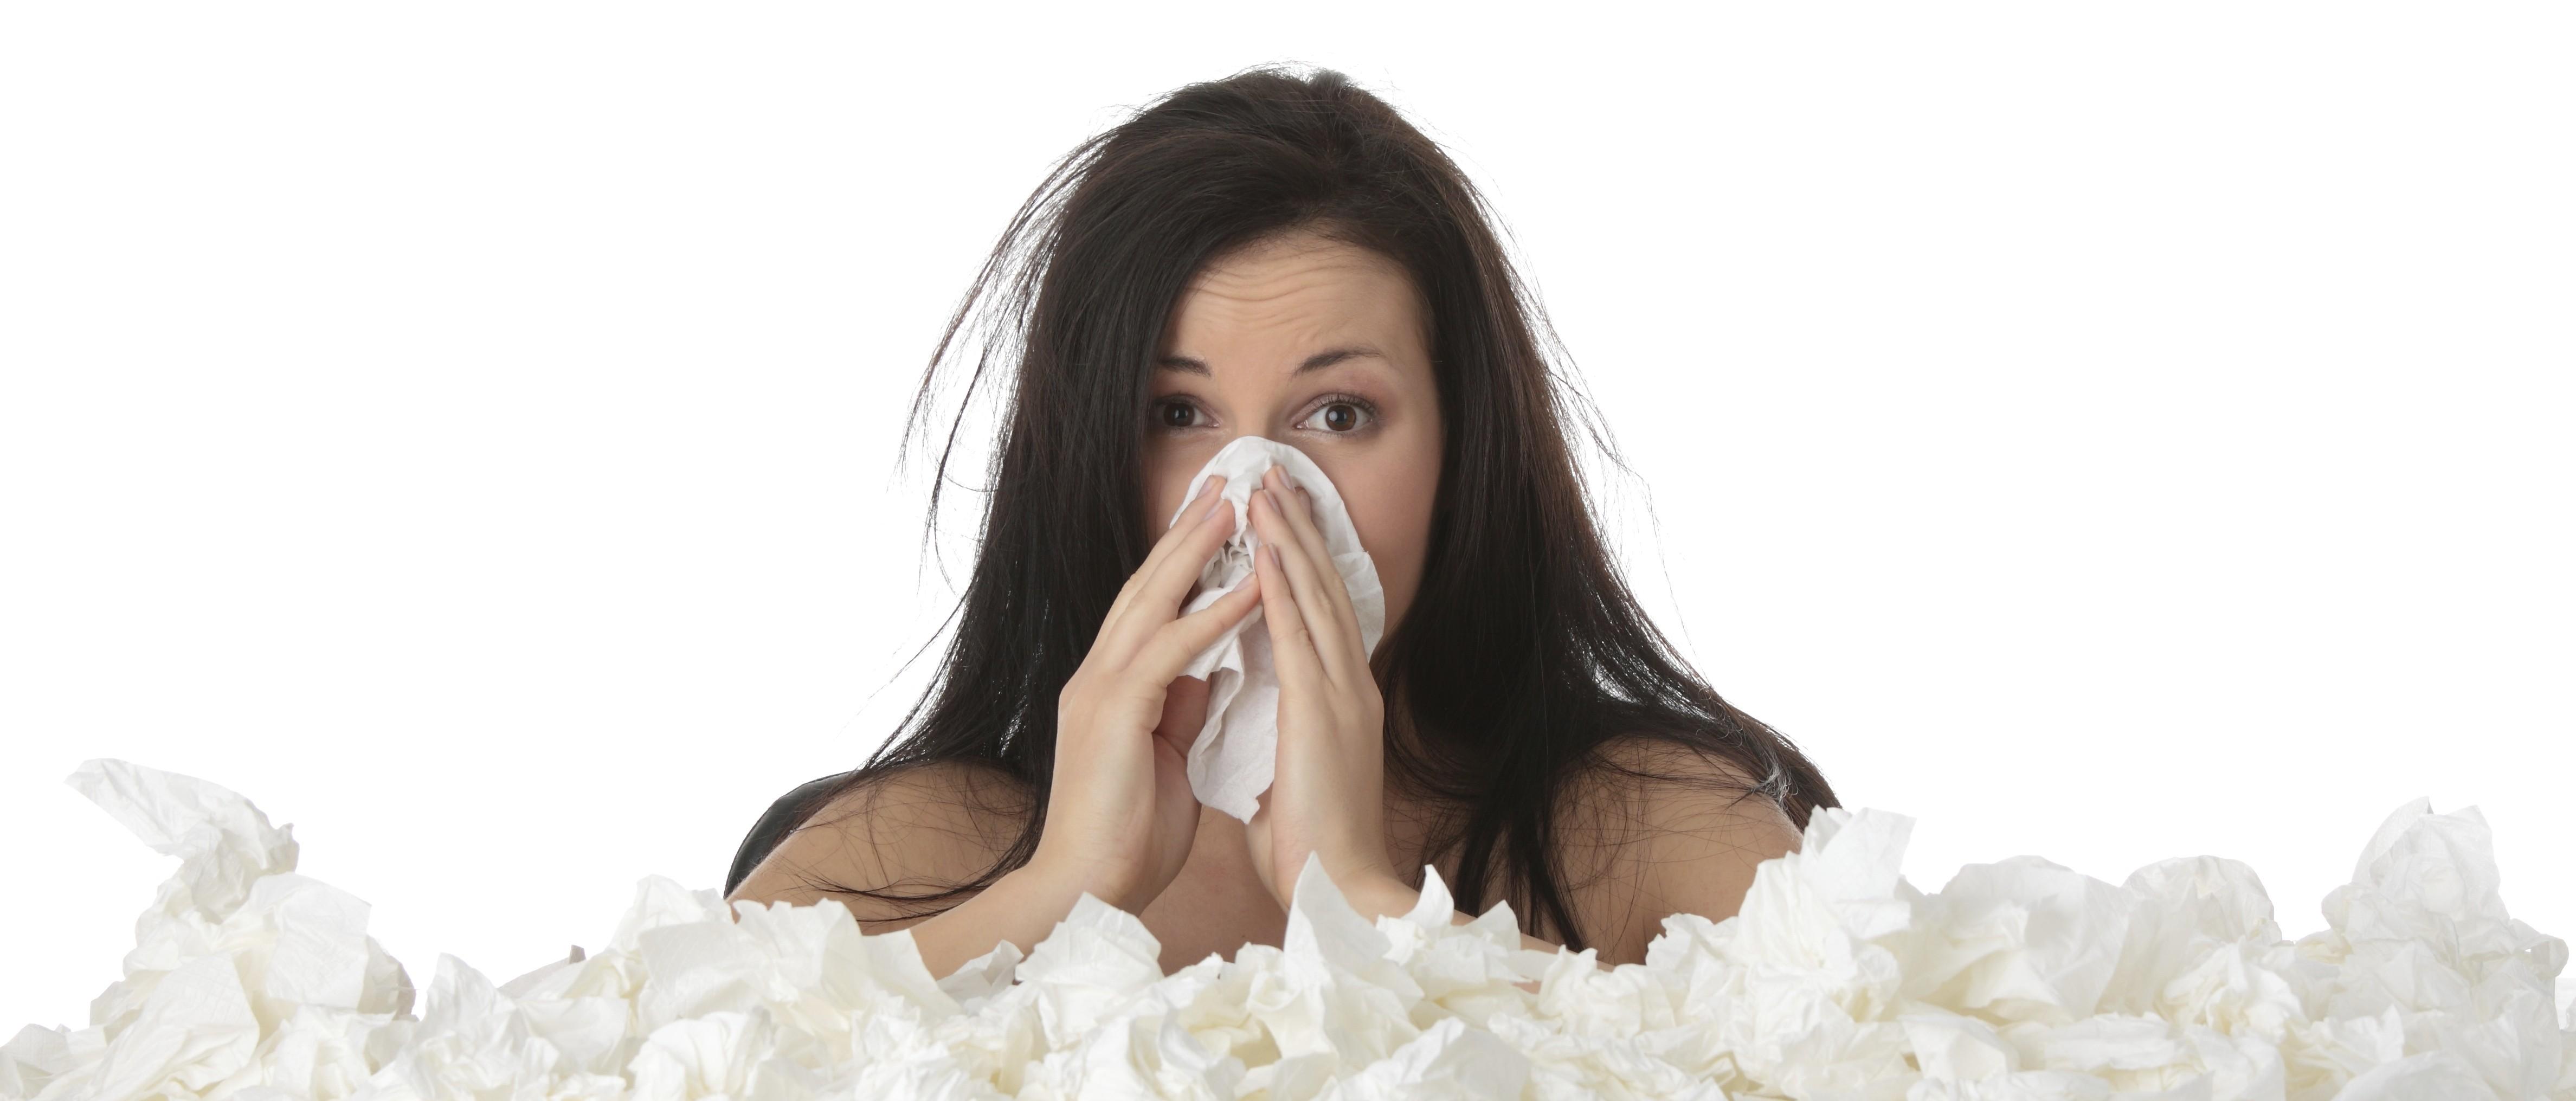 La sinusite : Comment la prévenir • La Vie Chiropratique Clinique  #876644